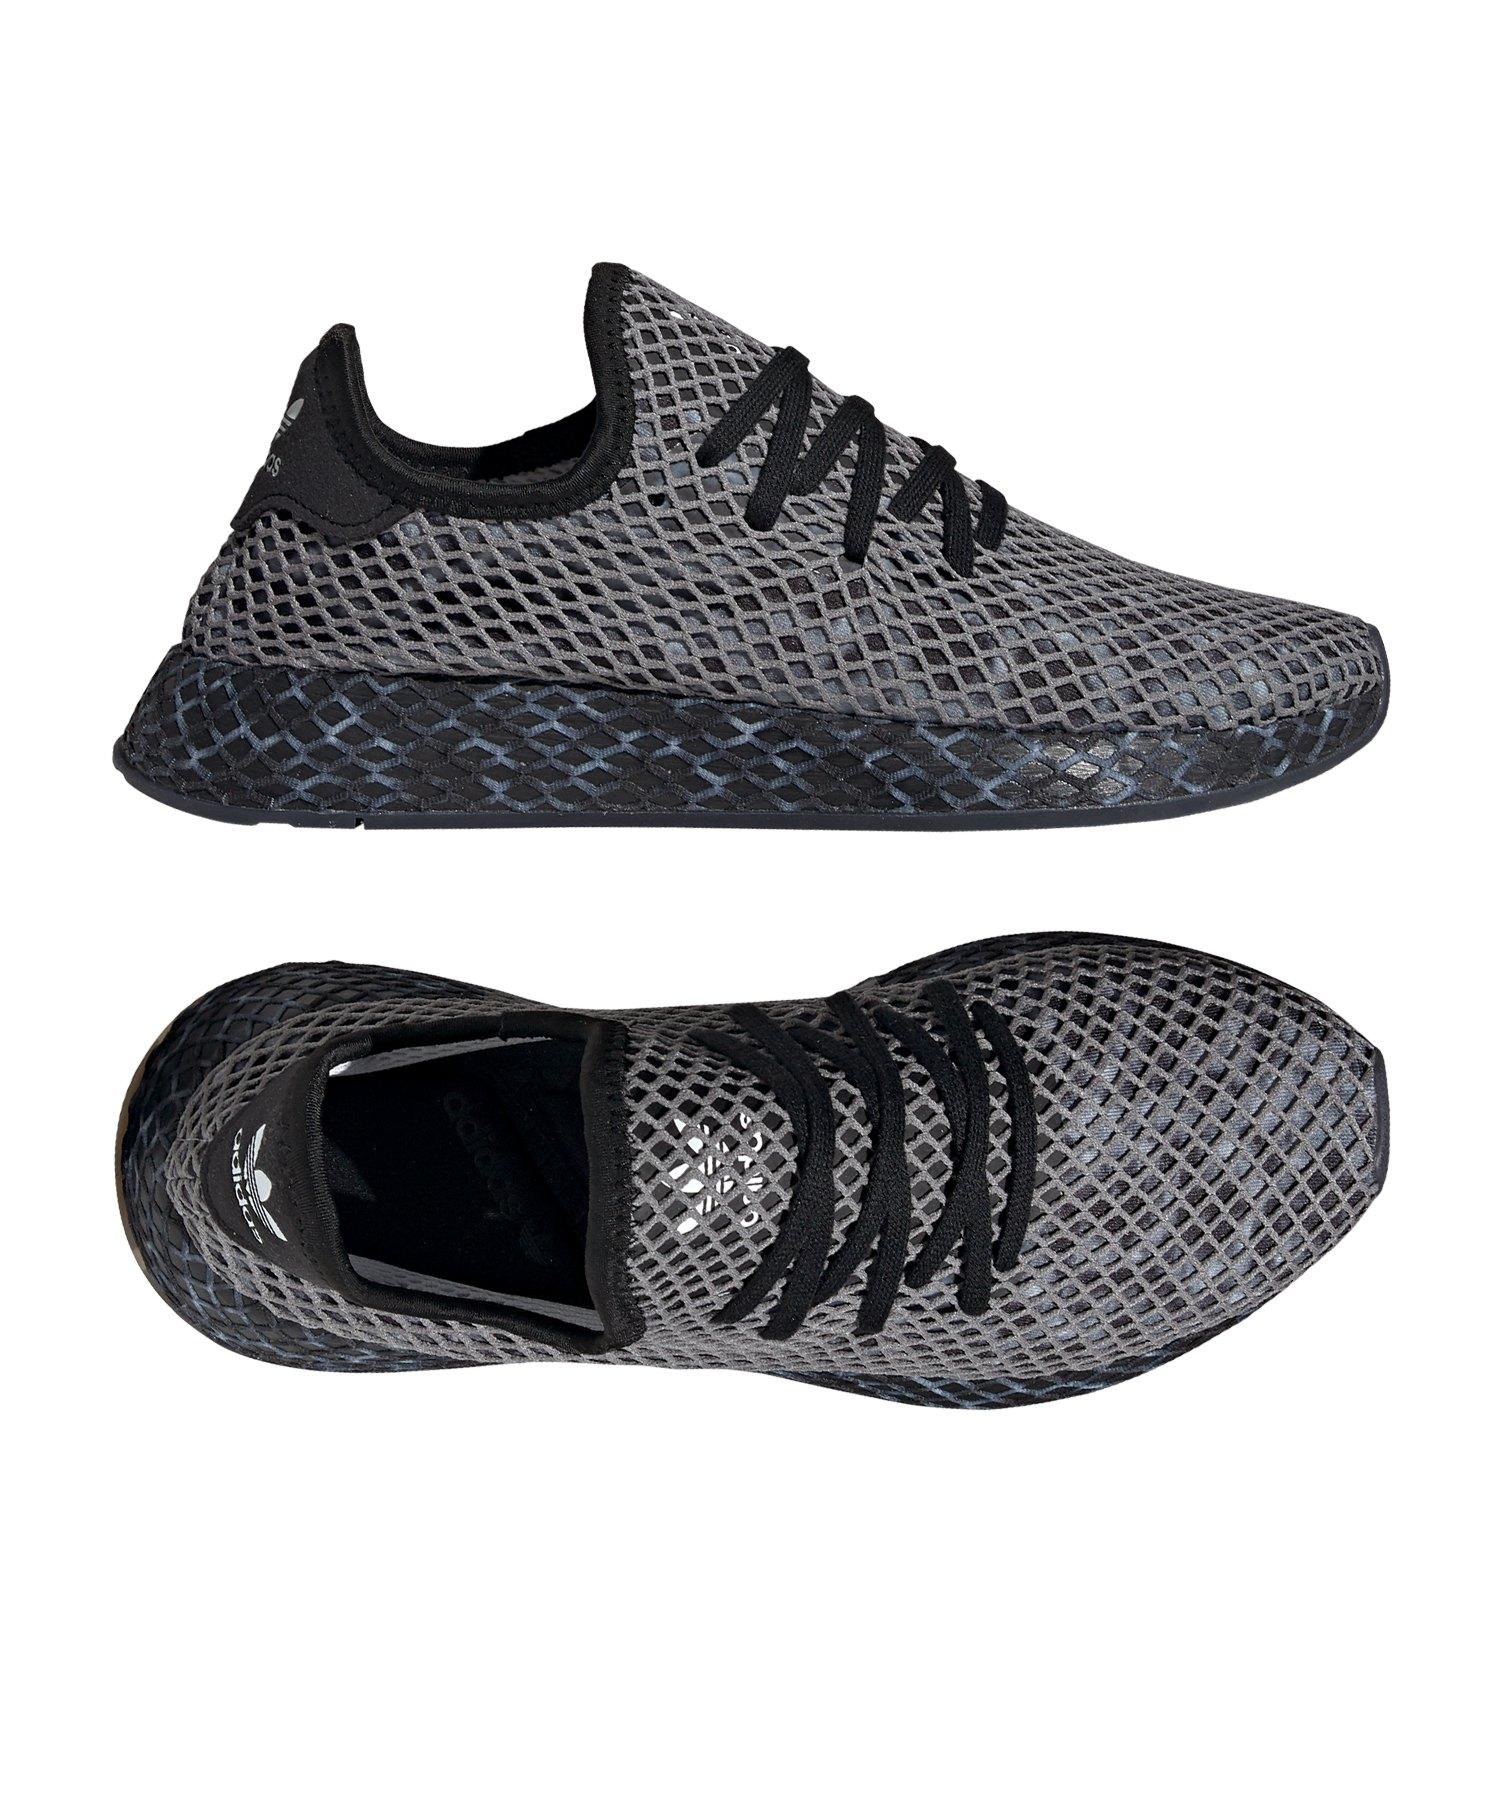 Adidas Originals Deerupt Runner Herren Sport Schuhe Sneaker